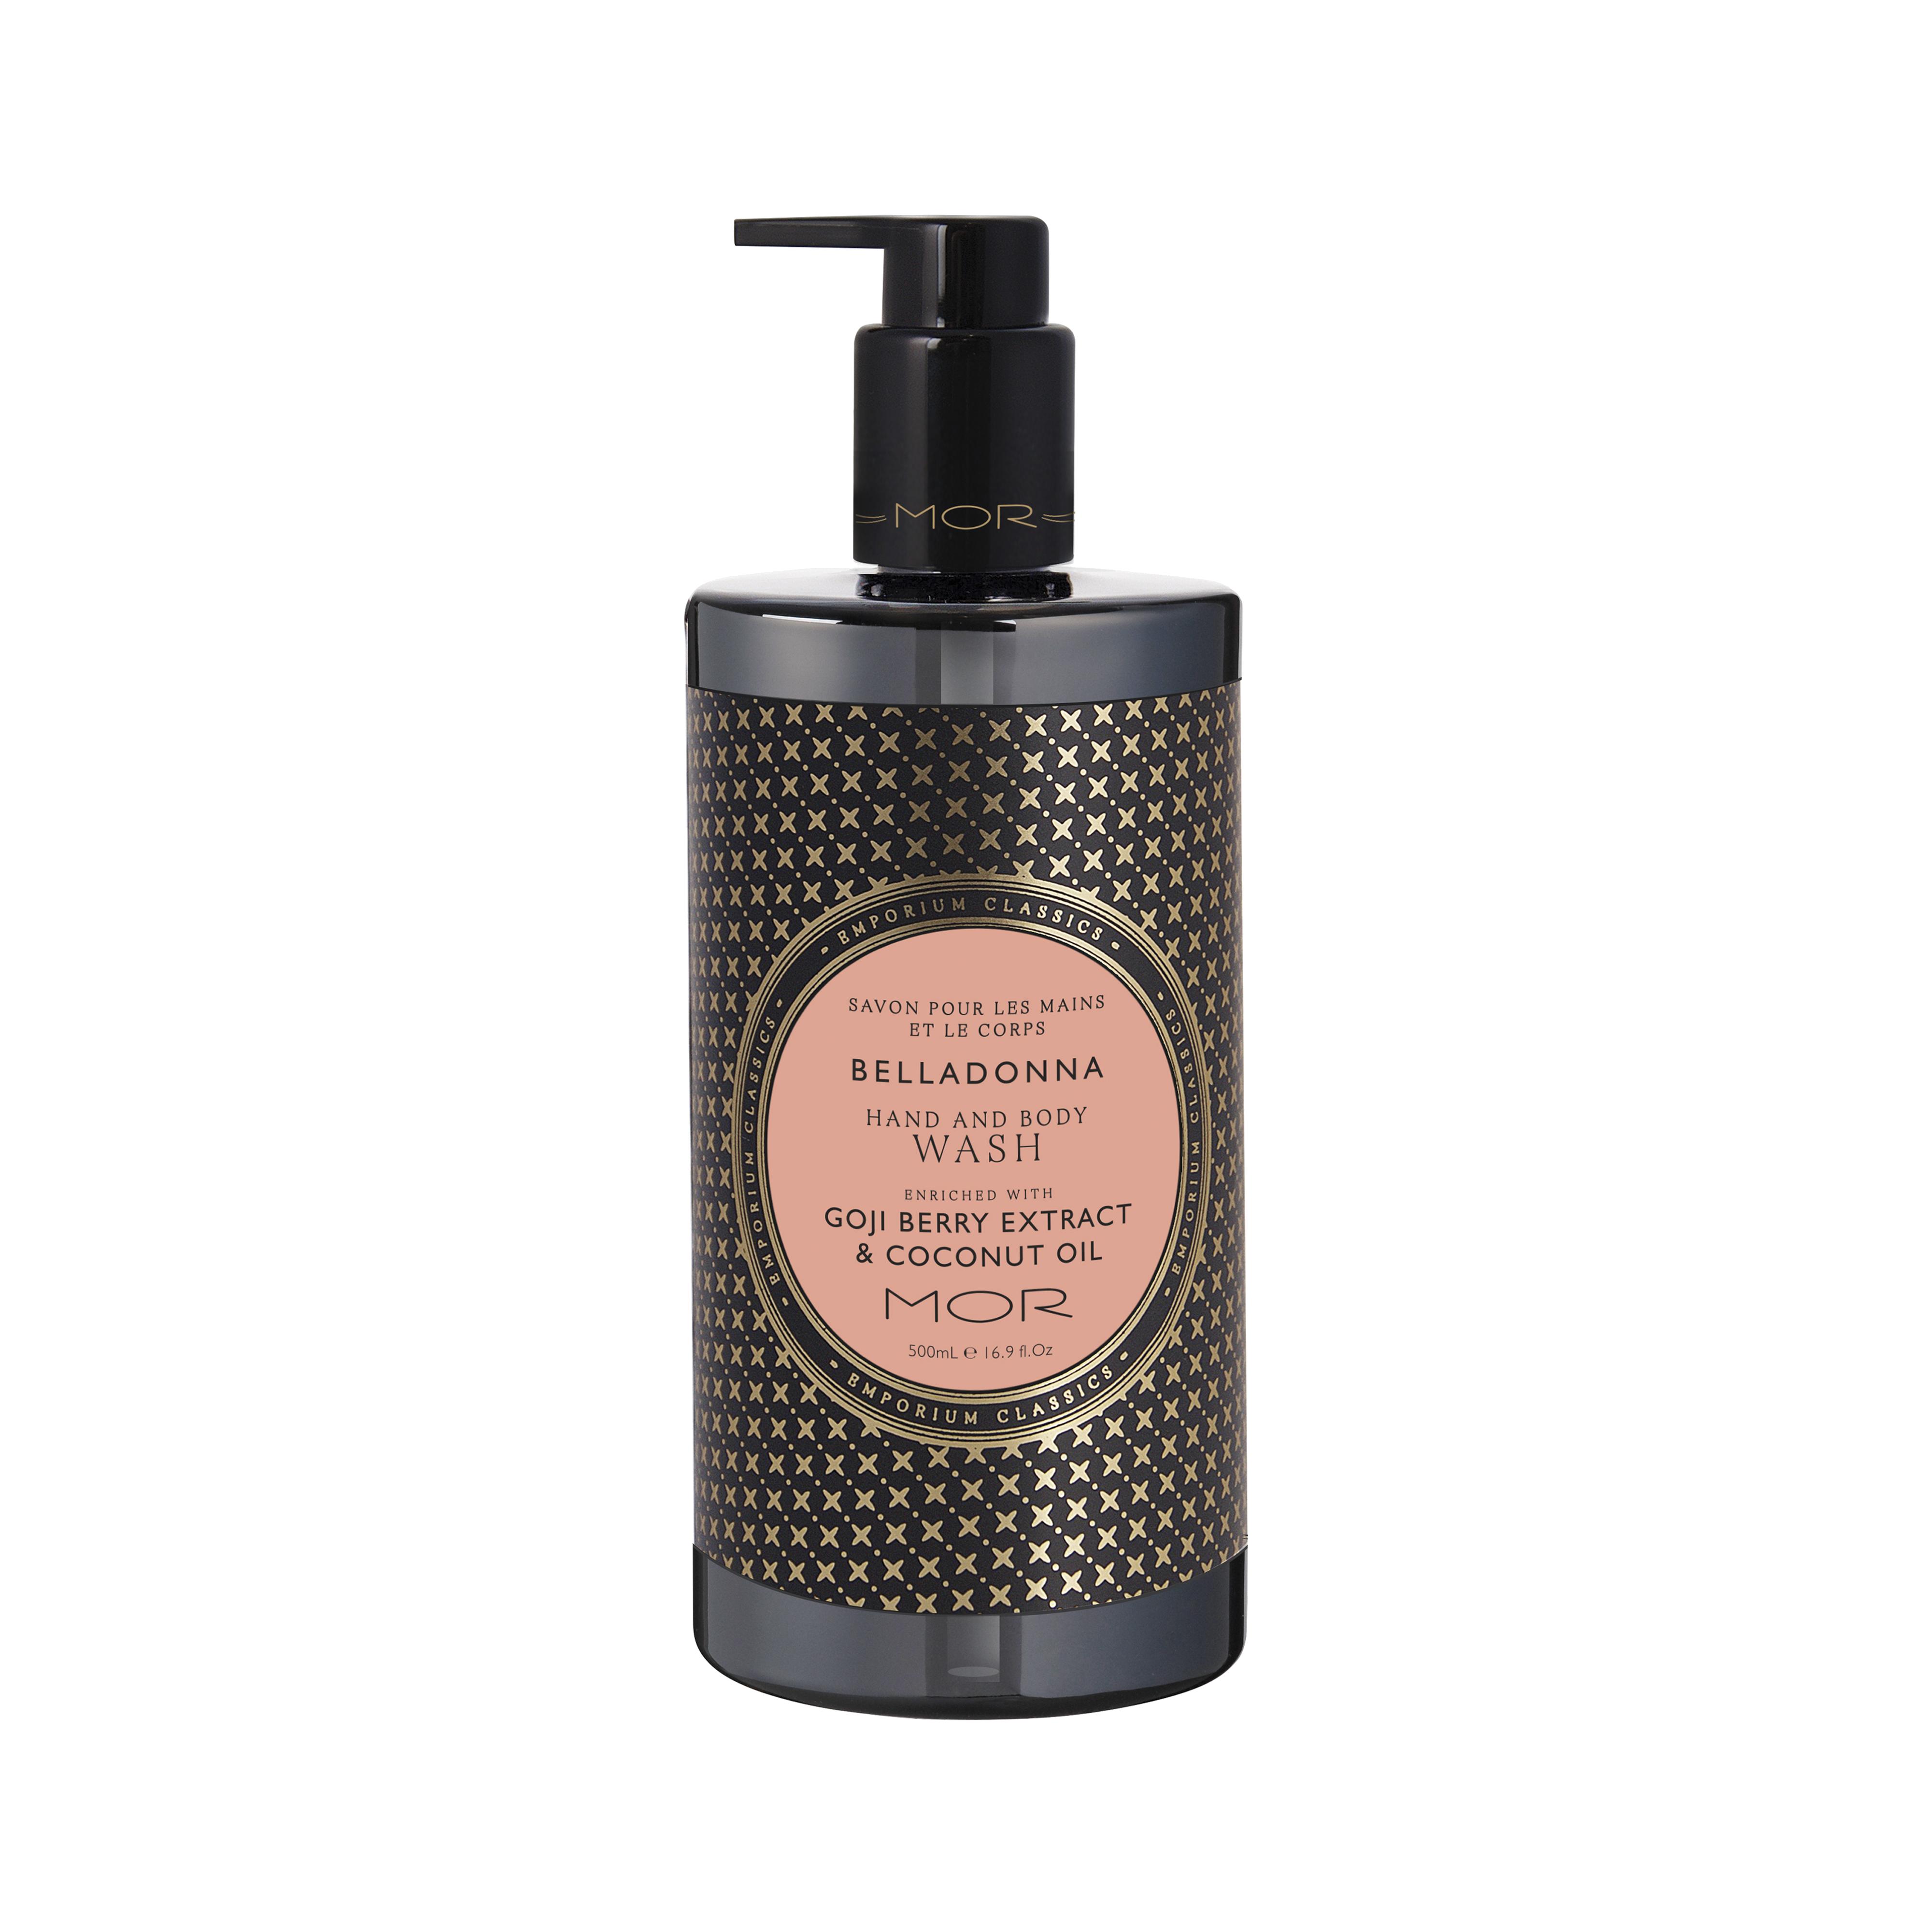 Belladonna Emporium Hand & Body Wash